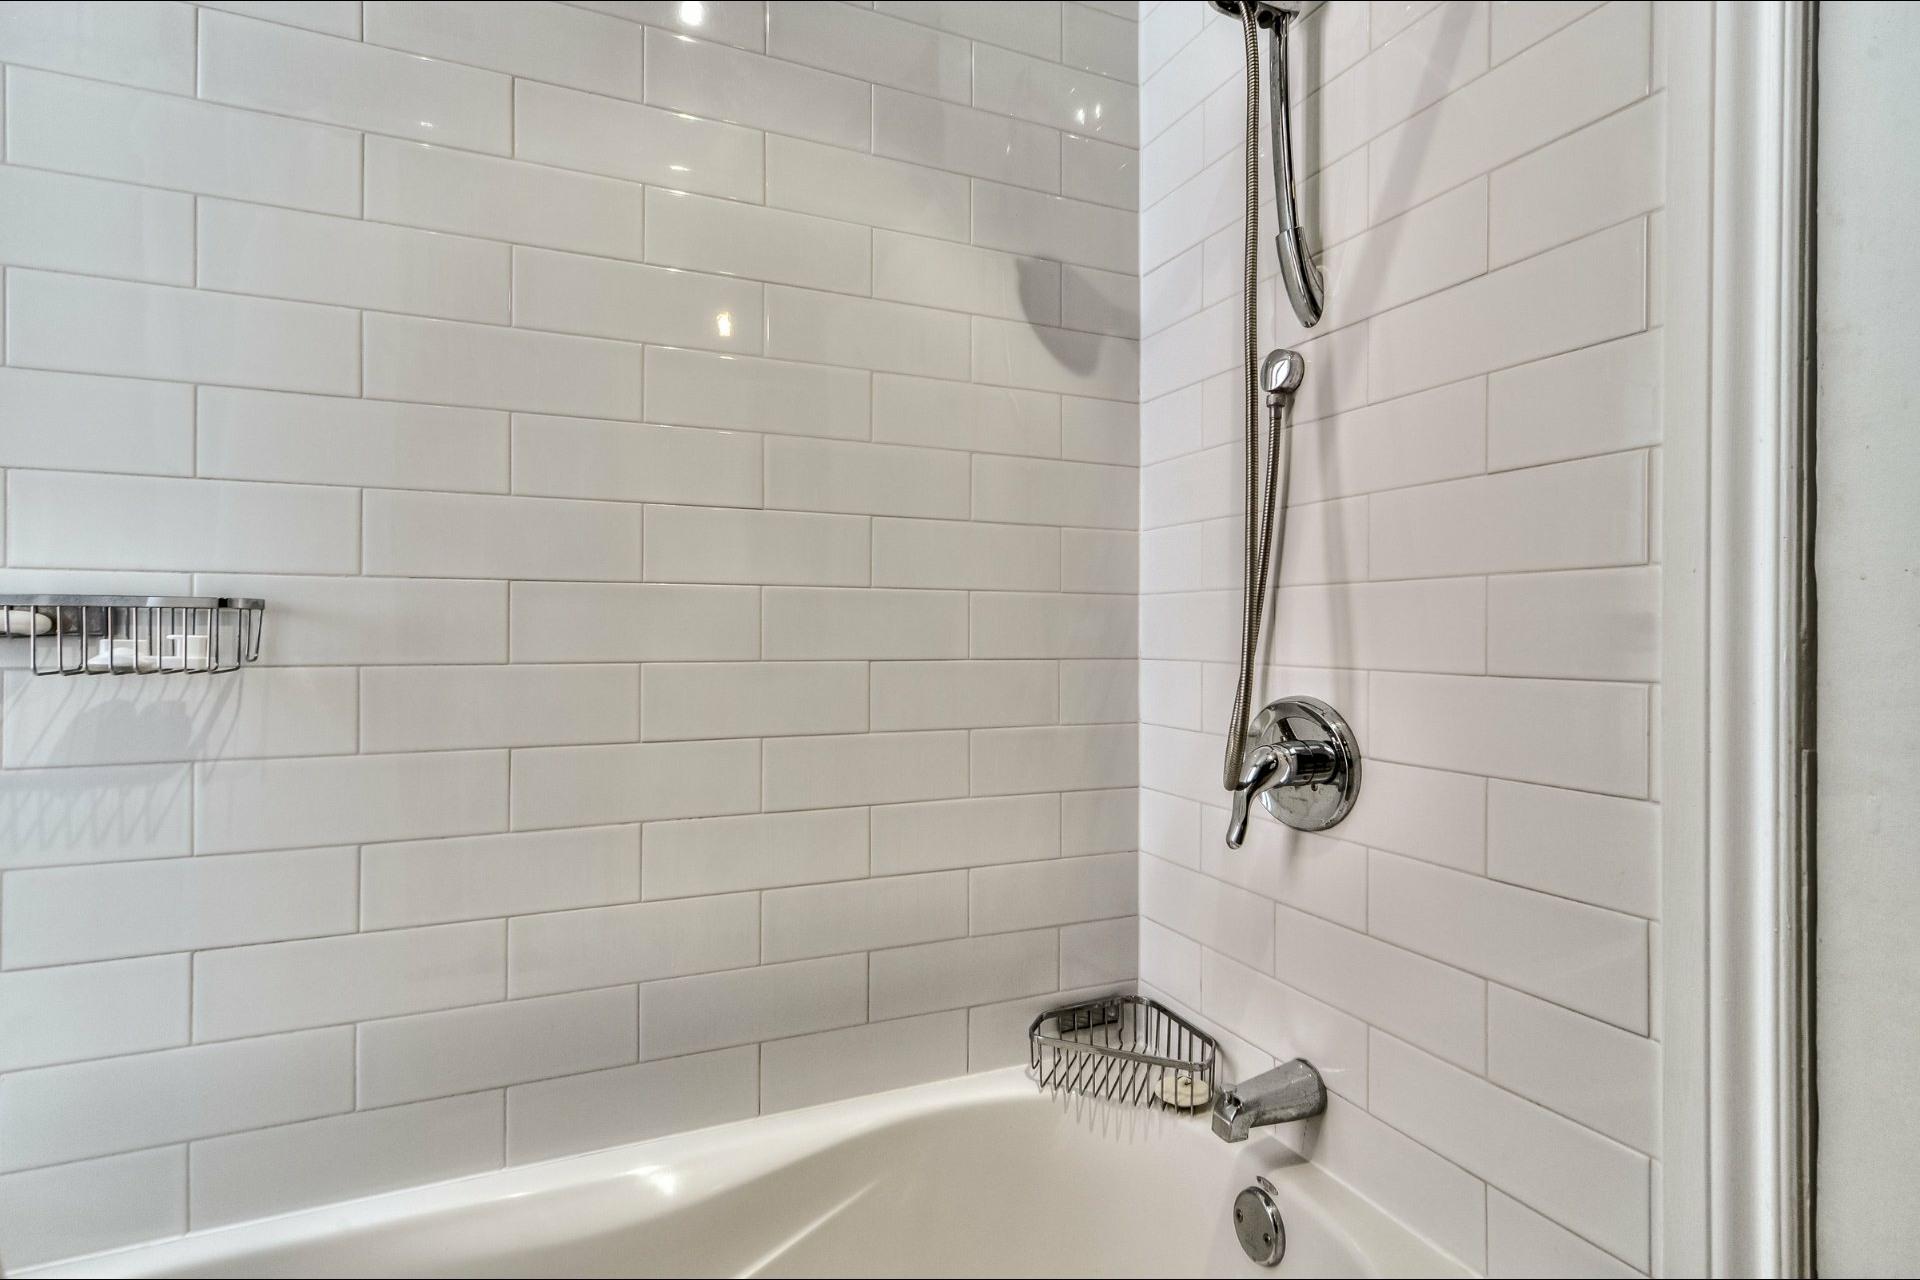 image 17 - Appartement À vendre Le Plateau-Mont-Royal Montréal  - 5 pièces